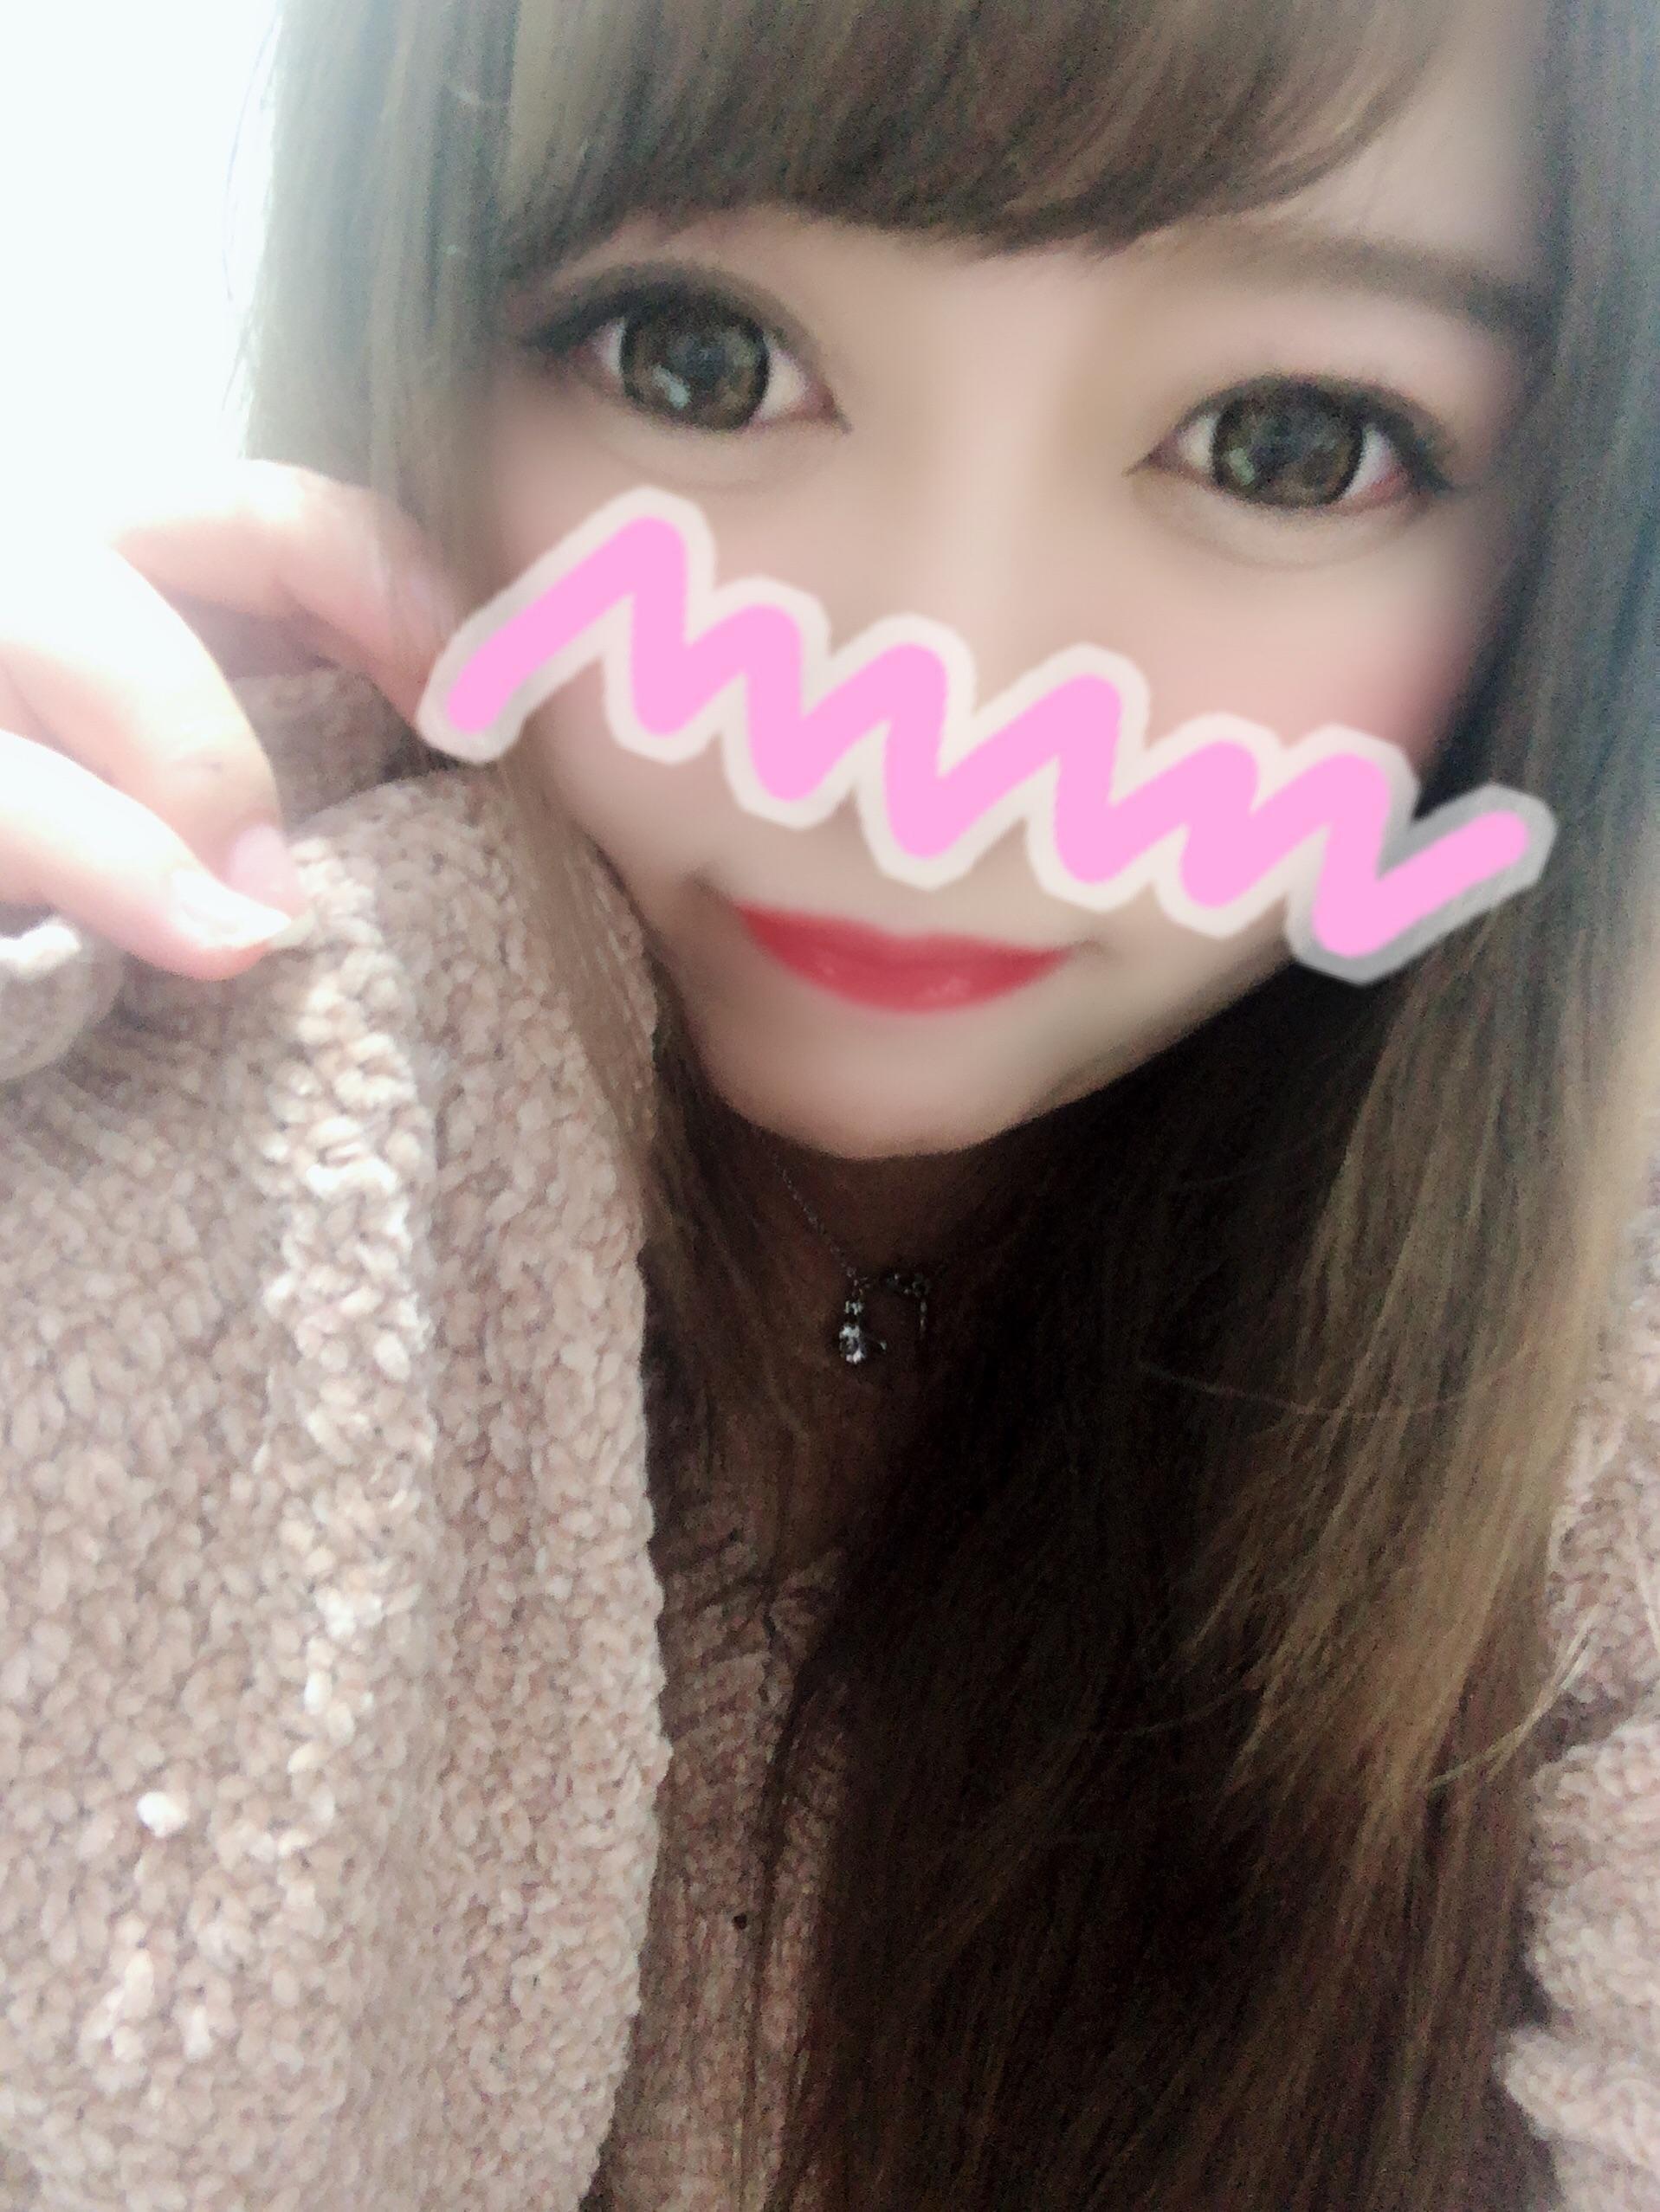 「しゅっきん」12/18(火) 00:22   りずの写メ・風俗動画